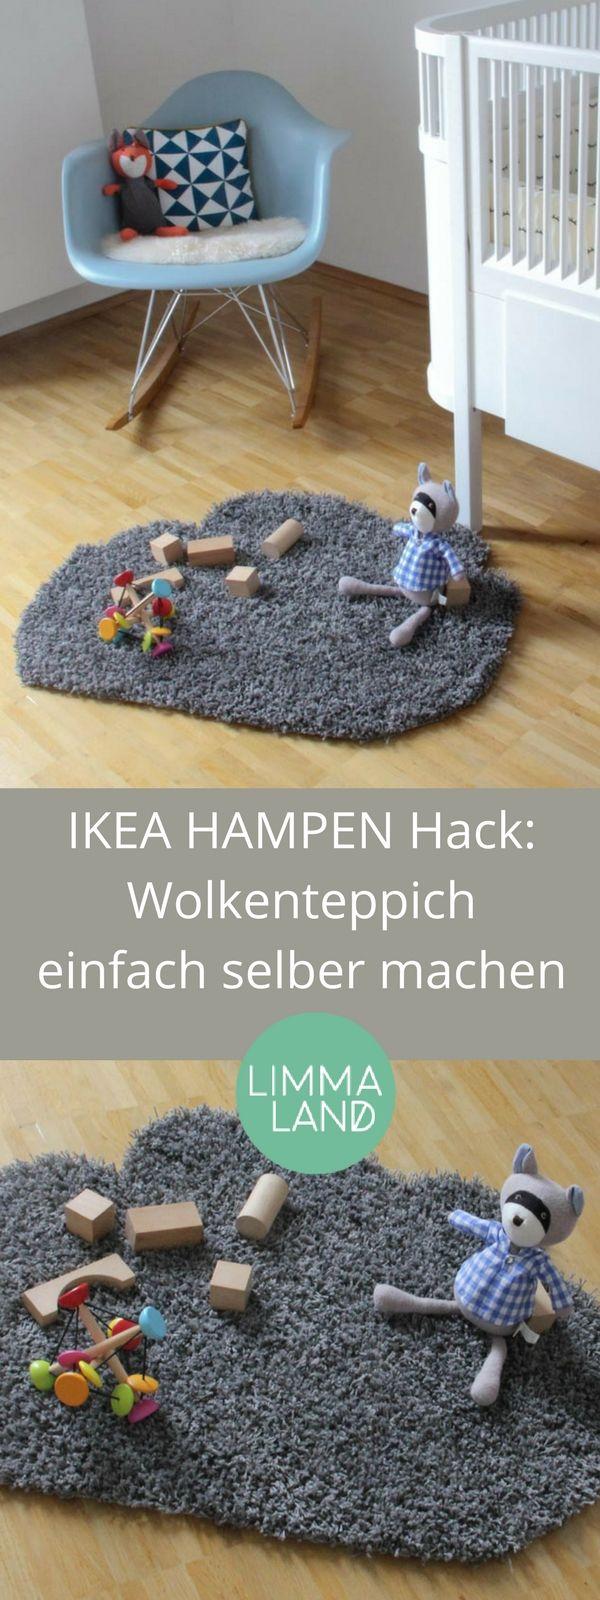 IKEA Hack für Wolken im Kinderzimmer, denn diese sind nach wie vor angesagt. Dieses schöne DIY könnt ihr aus einem IKEA Teppich selber machen. Noch mehr IKEA Hacks auf unserem Blog www.limmaland.com/blog